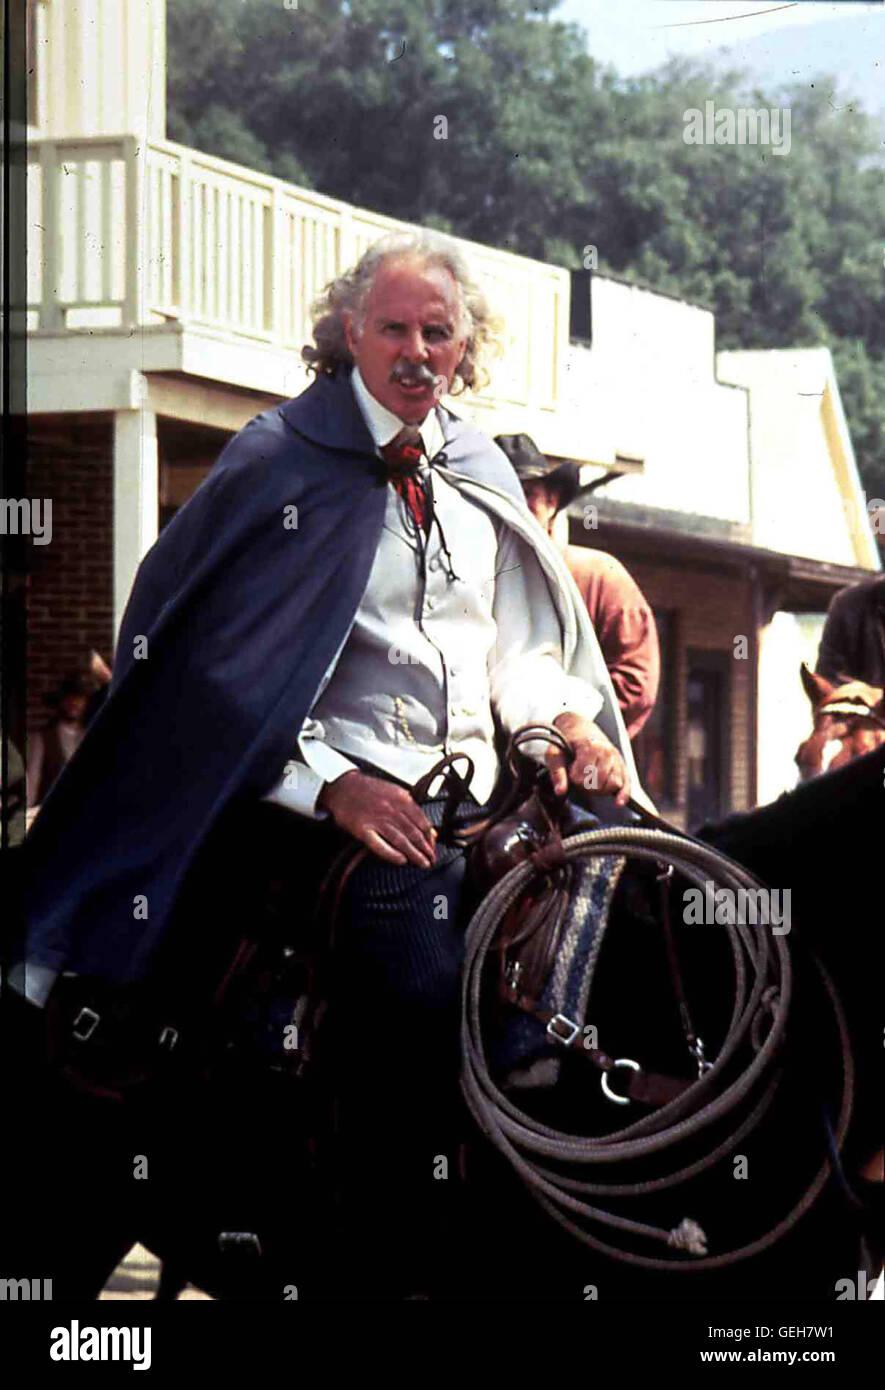 Bruce Dern   Der Grossgrundbesitzer McKay (Bruce Dern) hat es auf das Land des Farmers Hatcher abgesehen, um den Bau einer Eisenbahnlinie durchzusetzen. *** Local Caption *** 1994, Dead Man's Revenge, A, Blutige Vergeltung Stock Photo